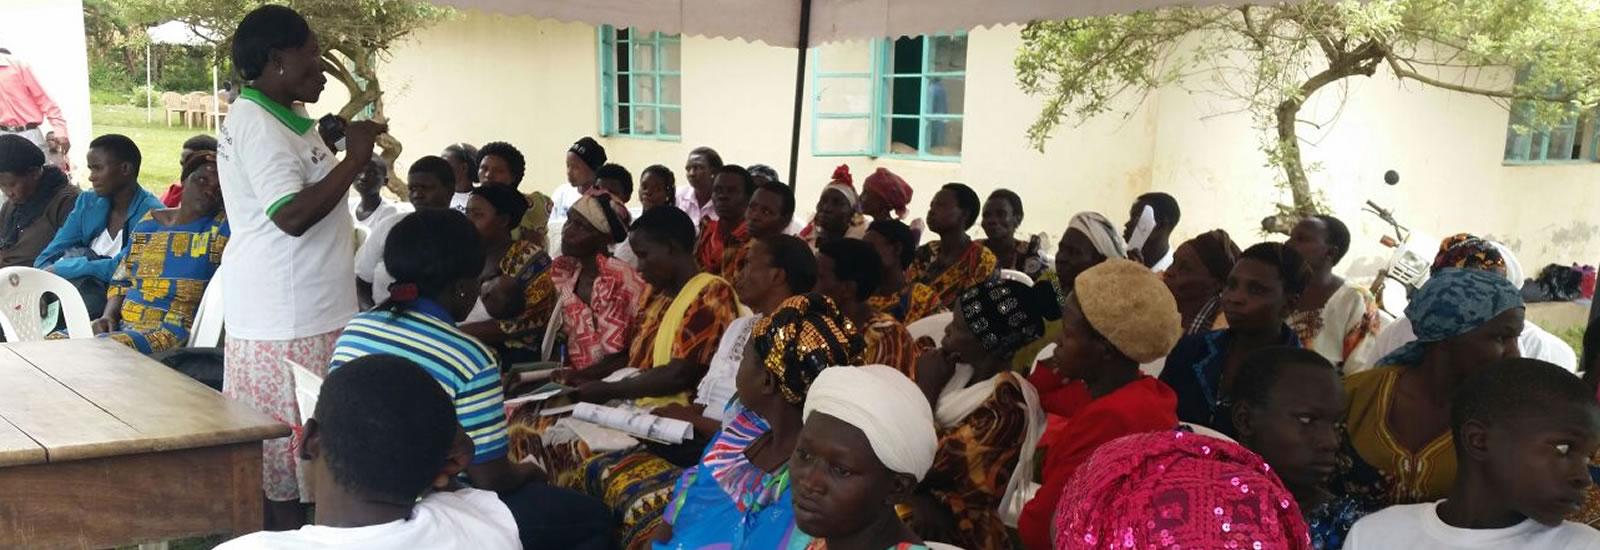 Partner with IWCA Uganda Chapter